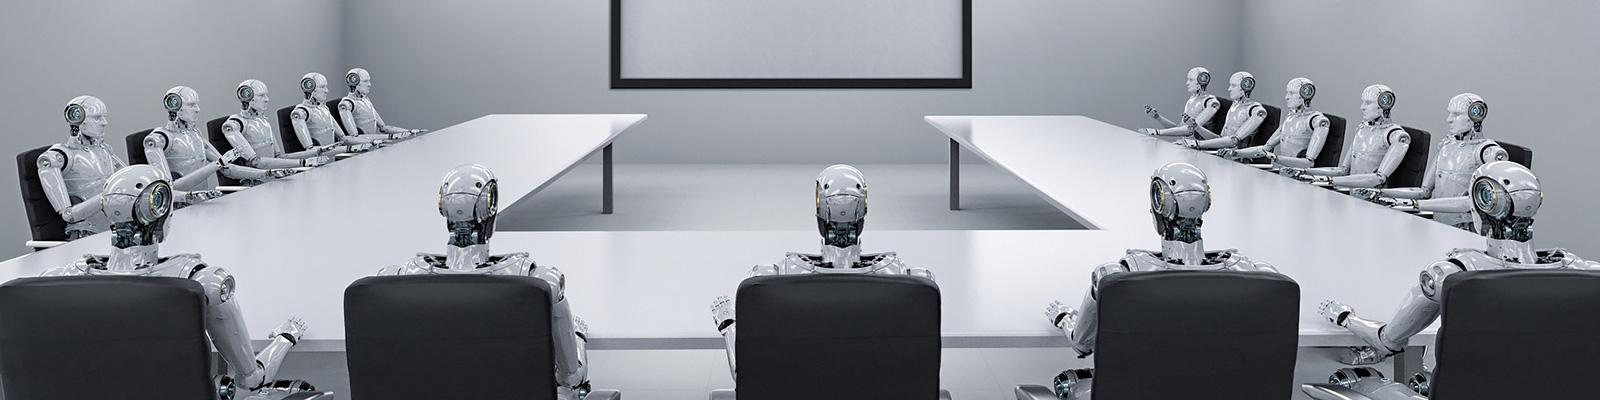 AI ロボット 会議 イメージ